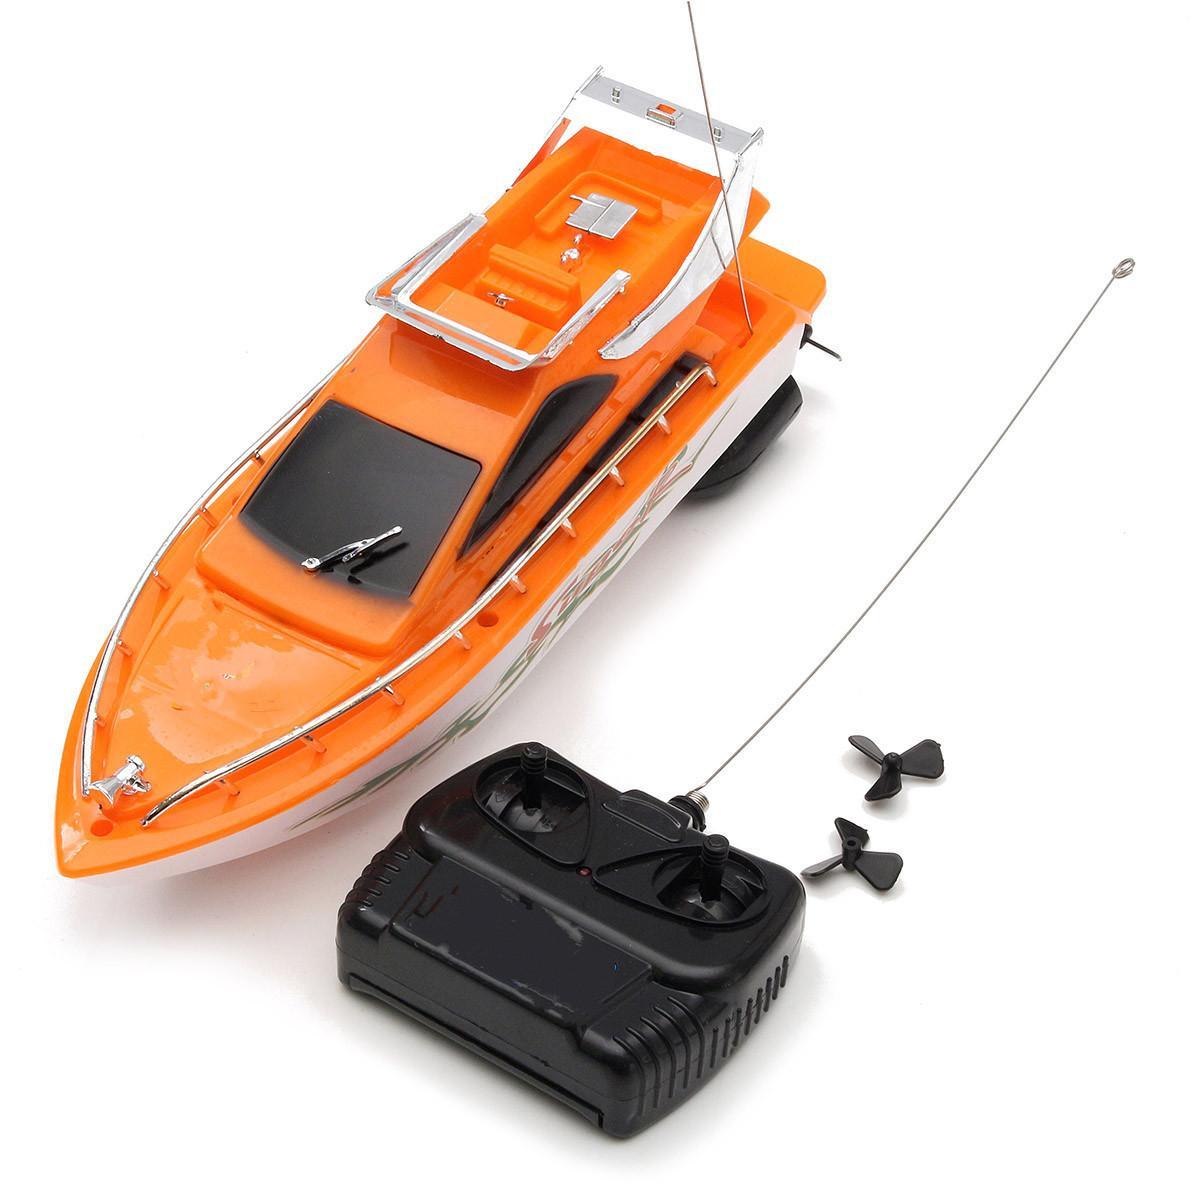 Elettrico a distanza doppia di controllo motore ad alta velocità esterna RC barca di corsa del giocattolo del capretto regali dei bambini Y200414